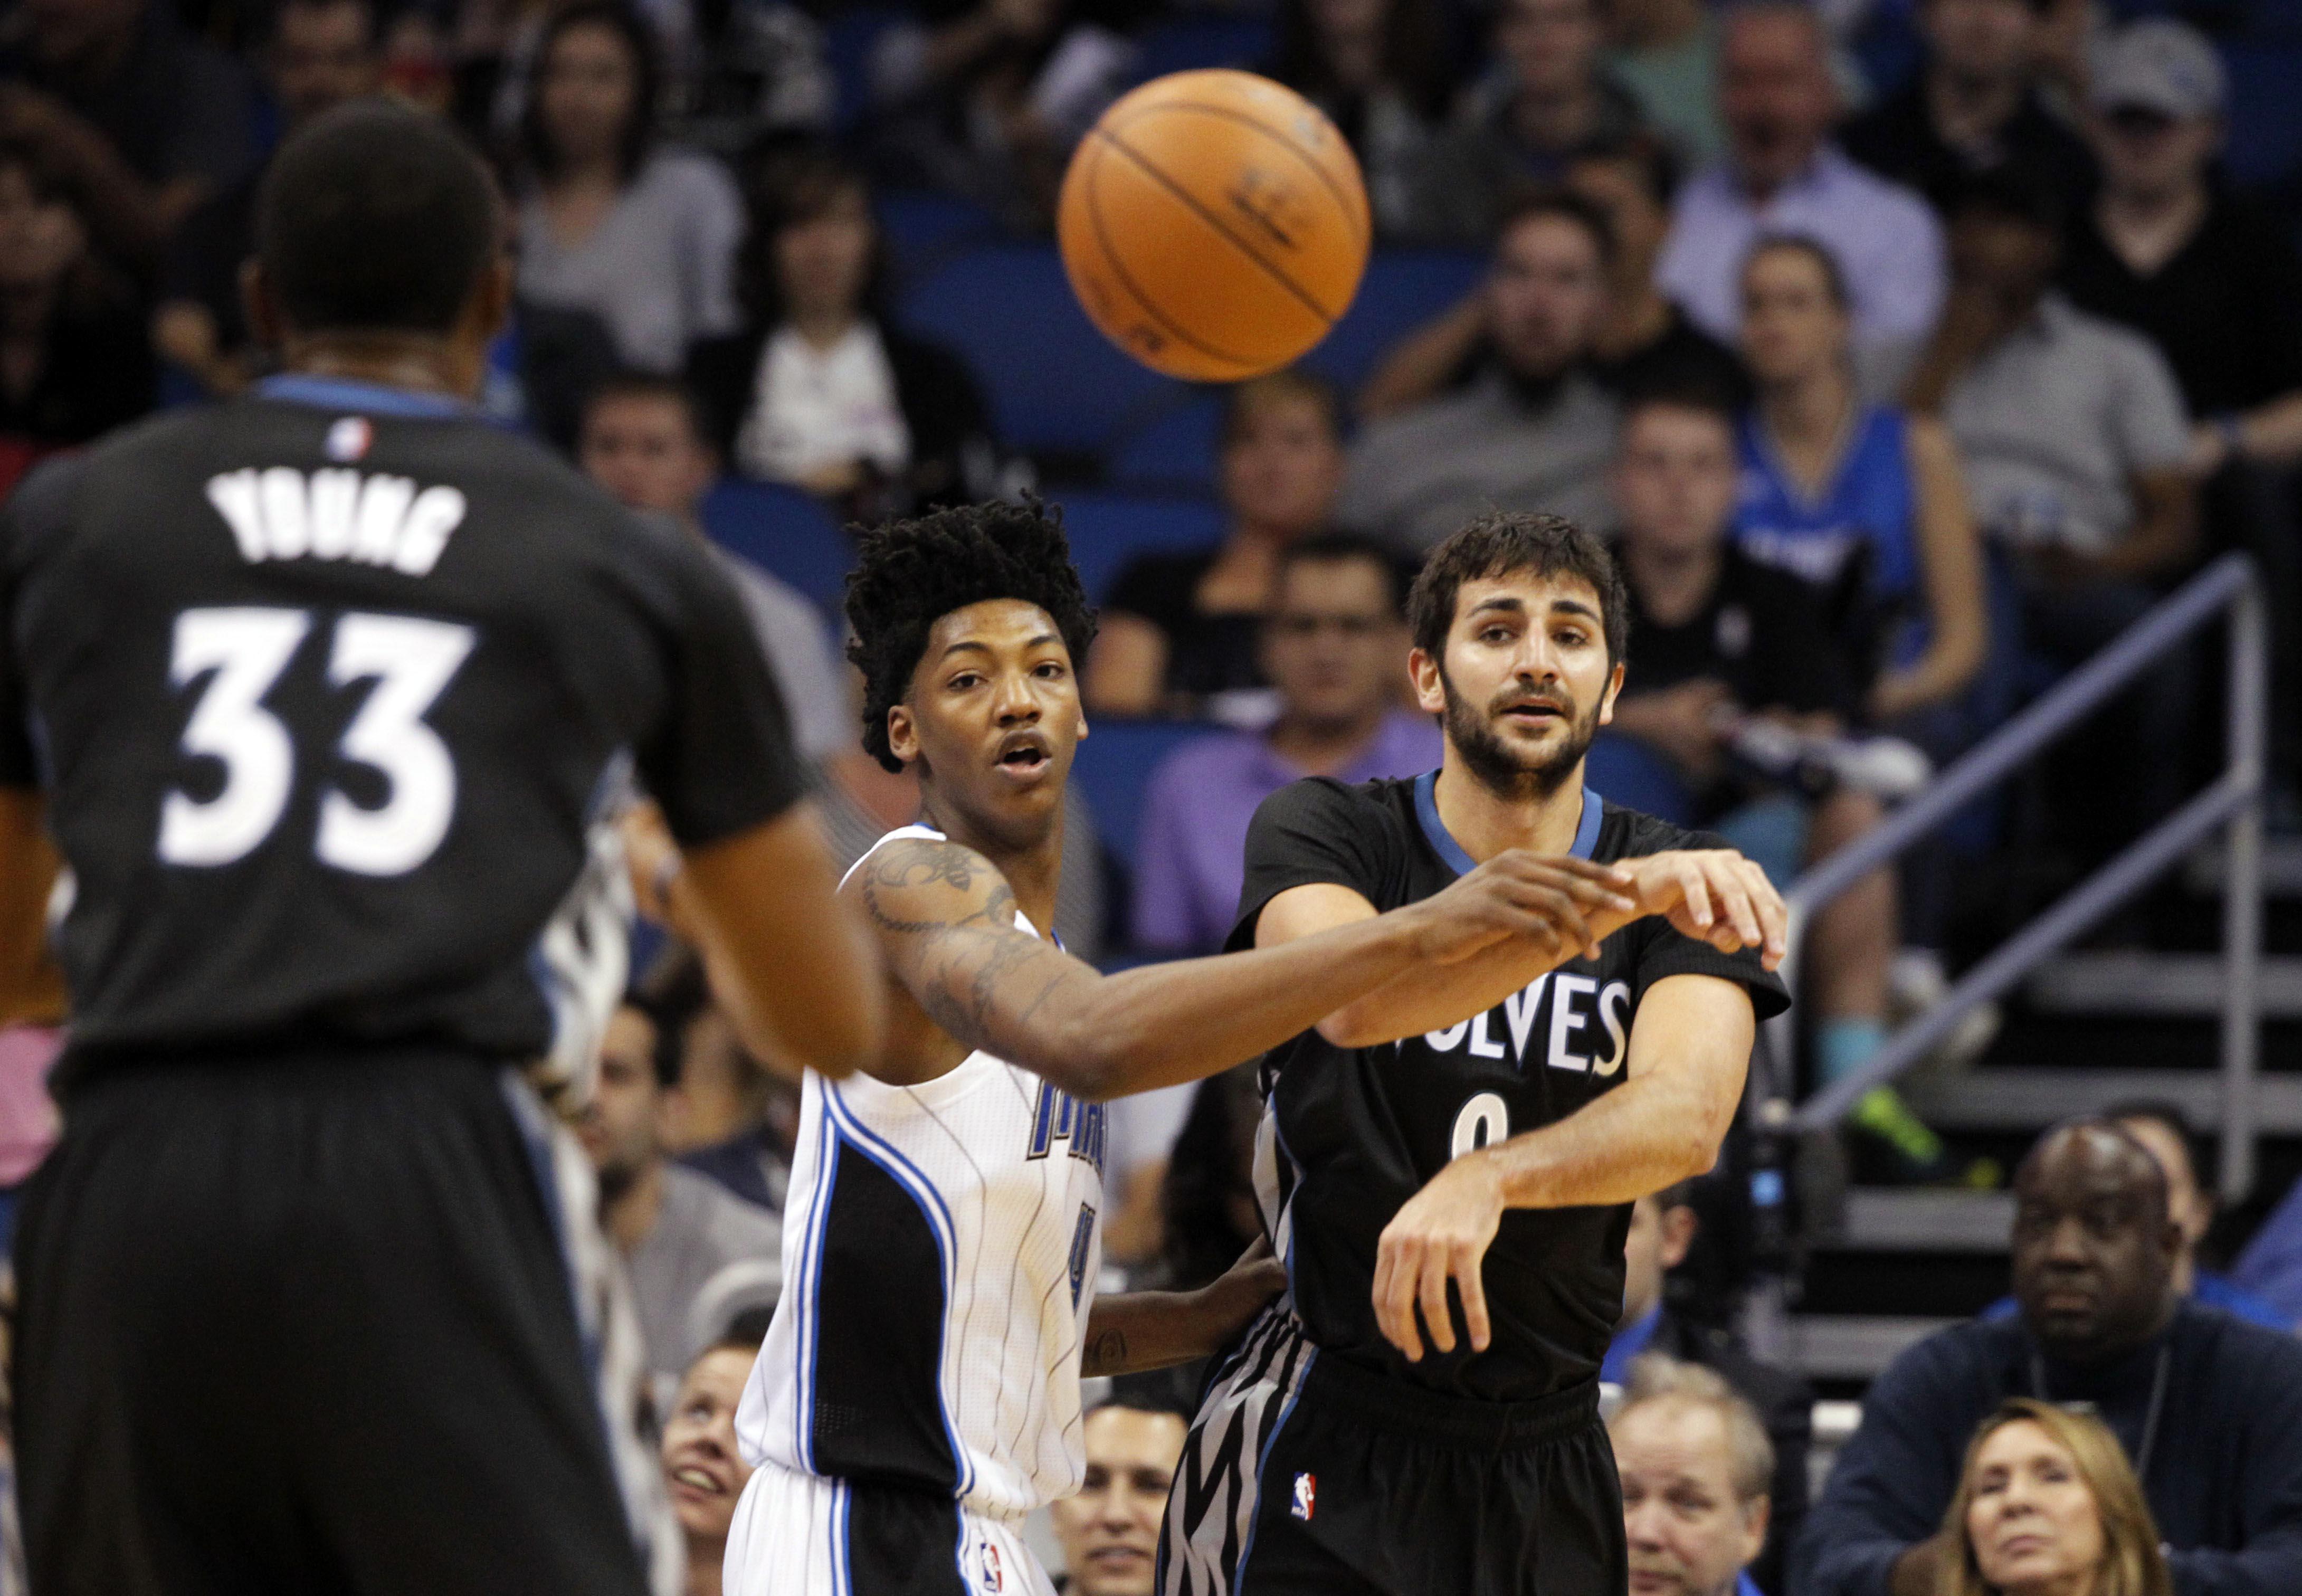 Magic top Timberwolves 112-103 in overtime | kare11.com